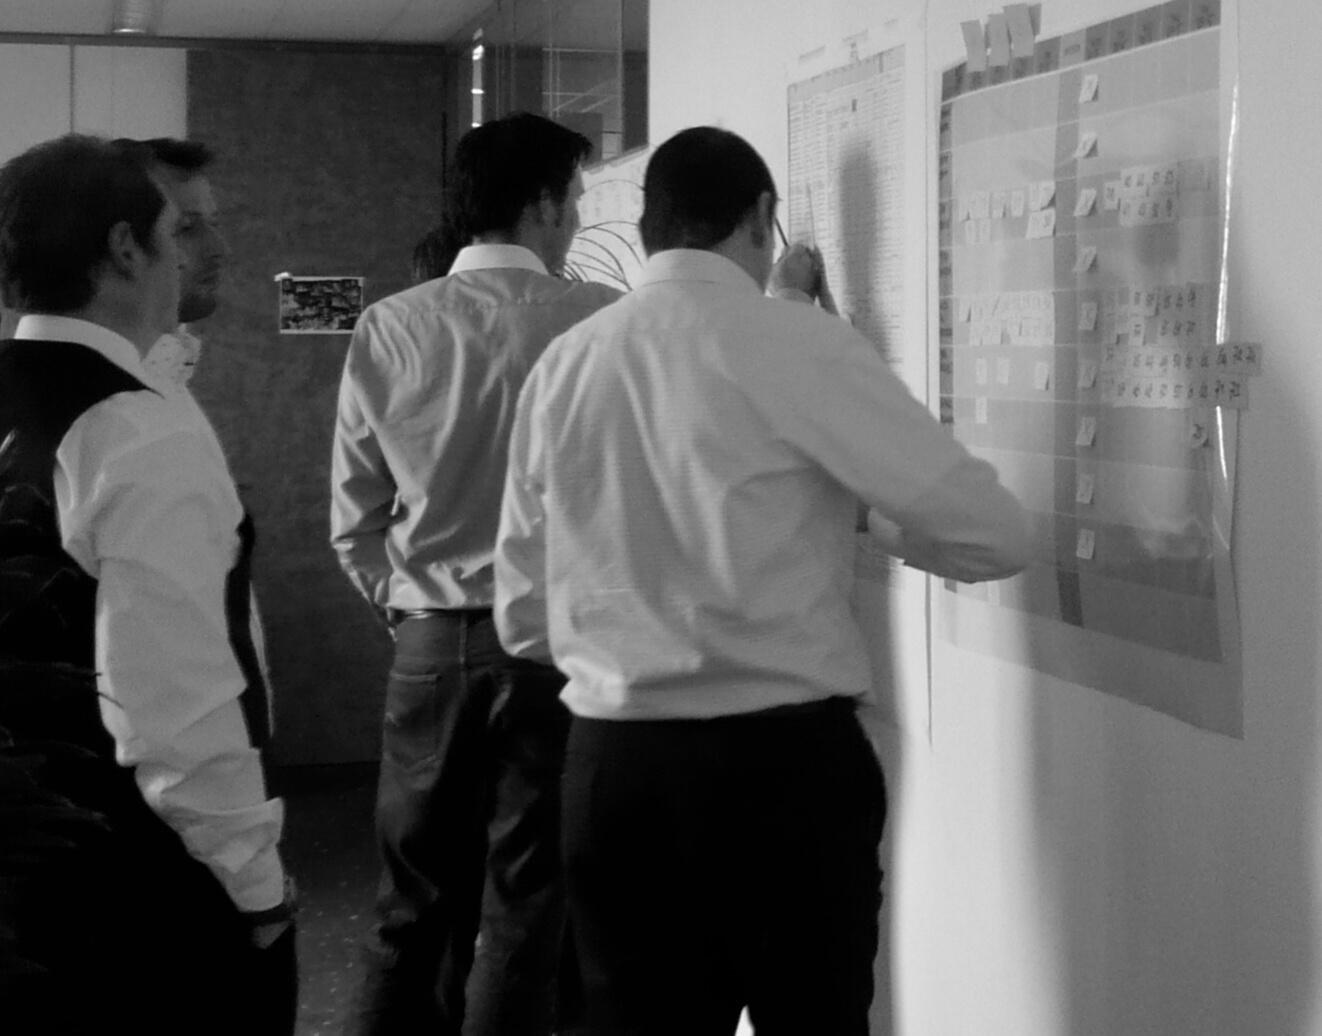 09-Businessplan erstellen lassen - Businessplan Service-1